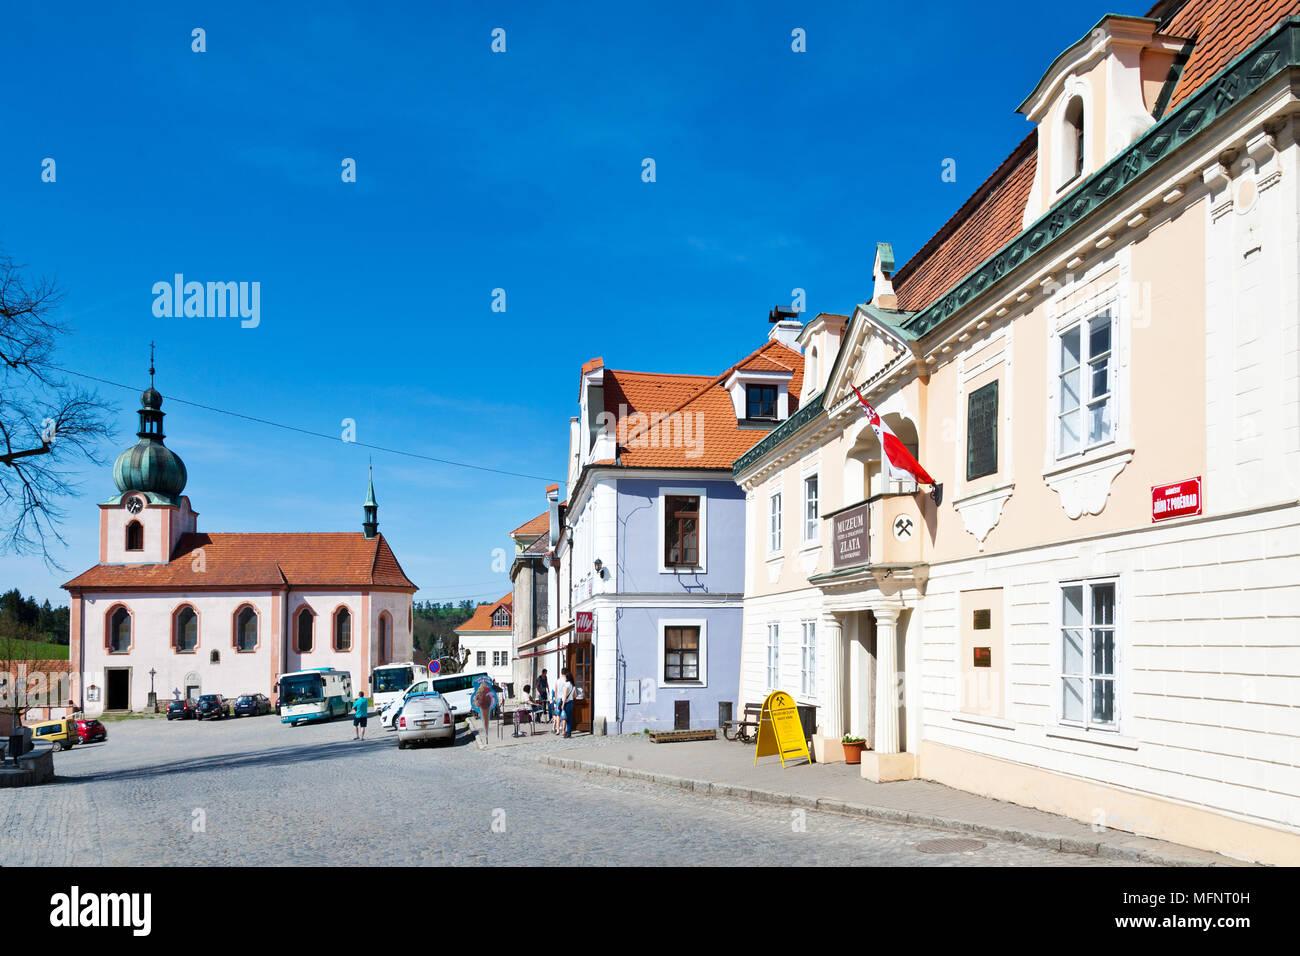 Muzeum zlata, Nový Knín, Středočeský kraj, Česká republika / Museum of gold, Novy Knin, Central Bohemian region, Czech republic Stock Photo